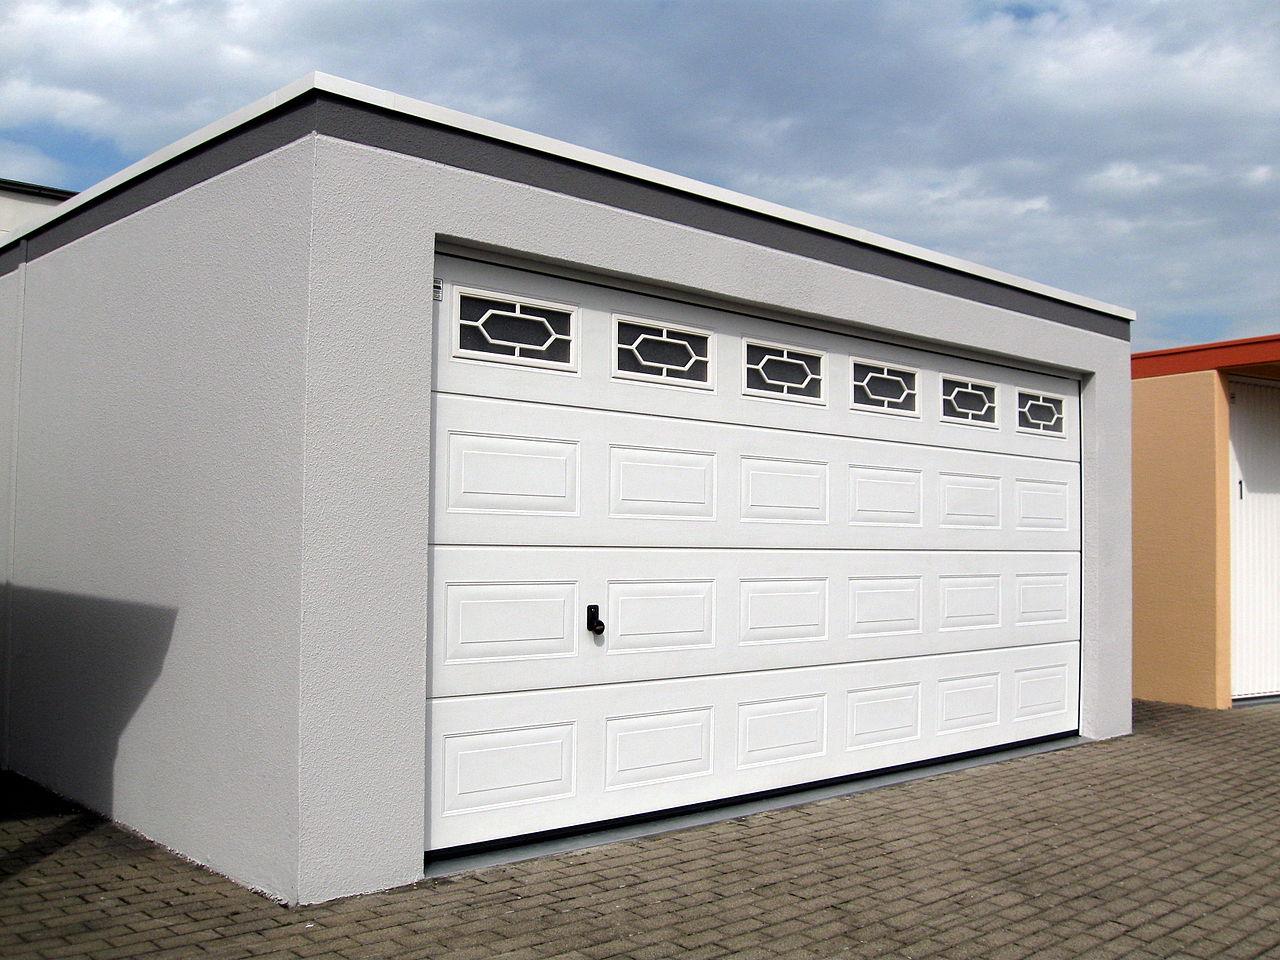 Datei:Ausstellung Garagen Großraumgarage 2012.jpg – Wikipedia